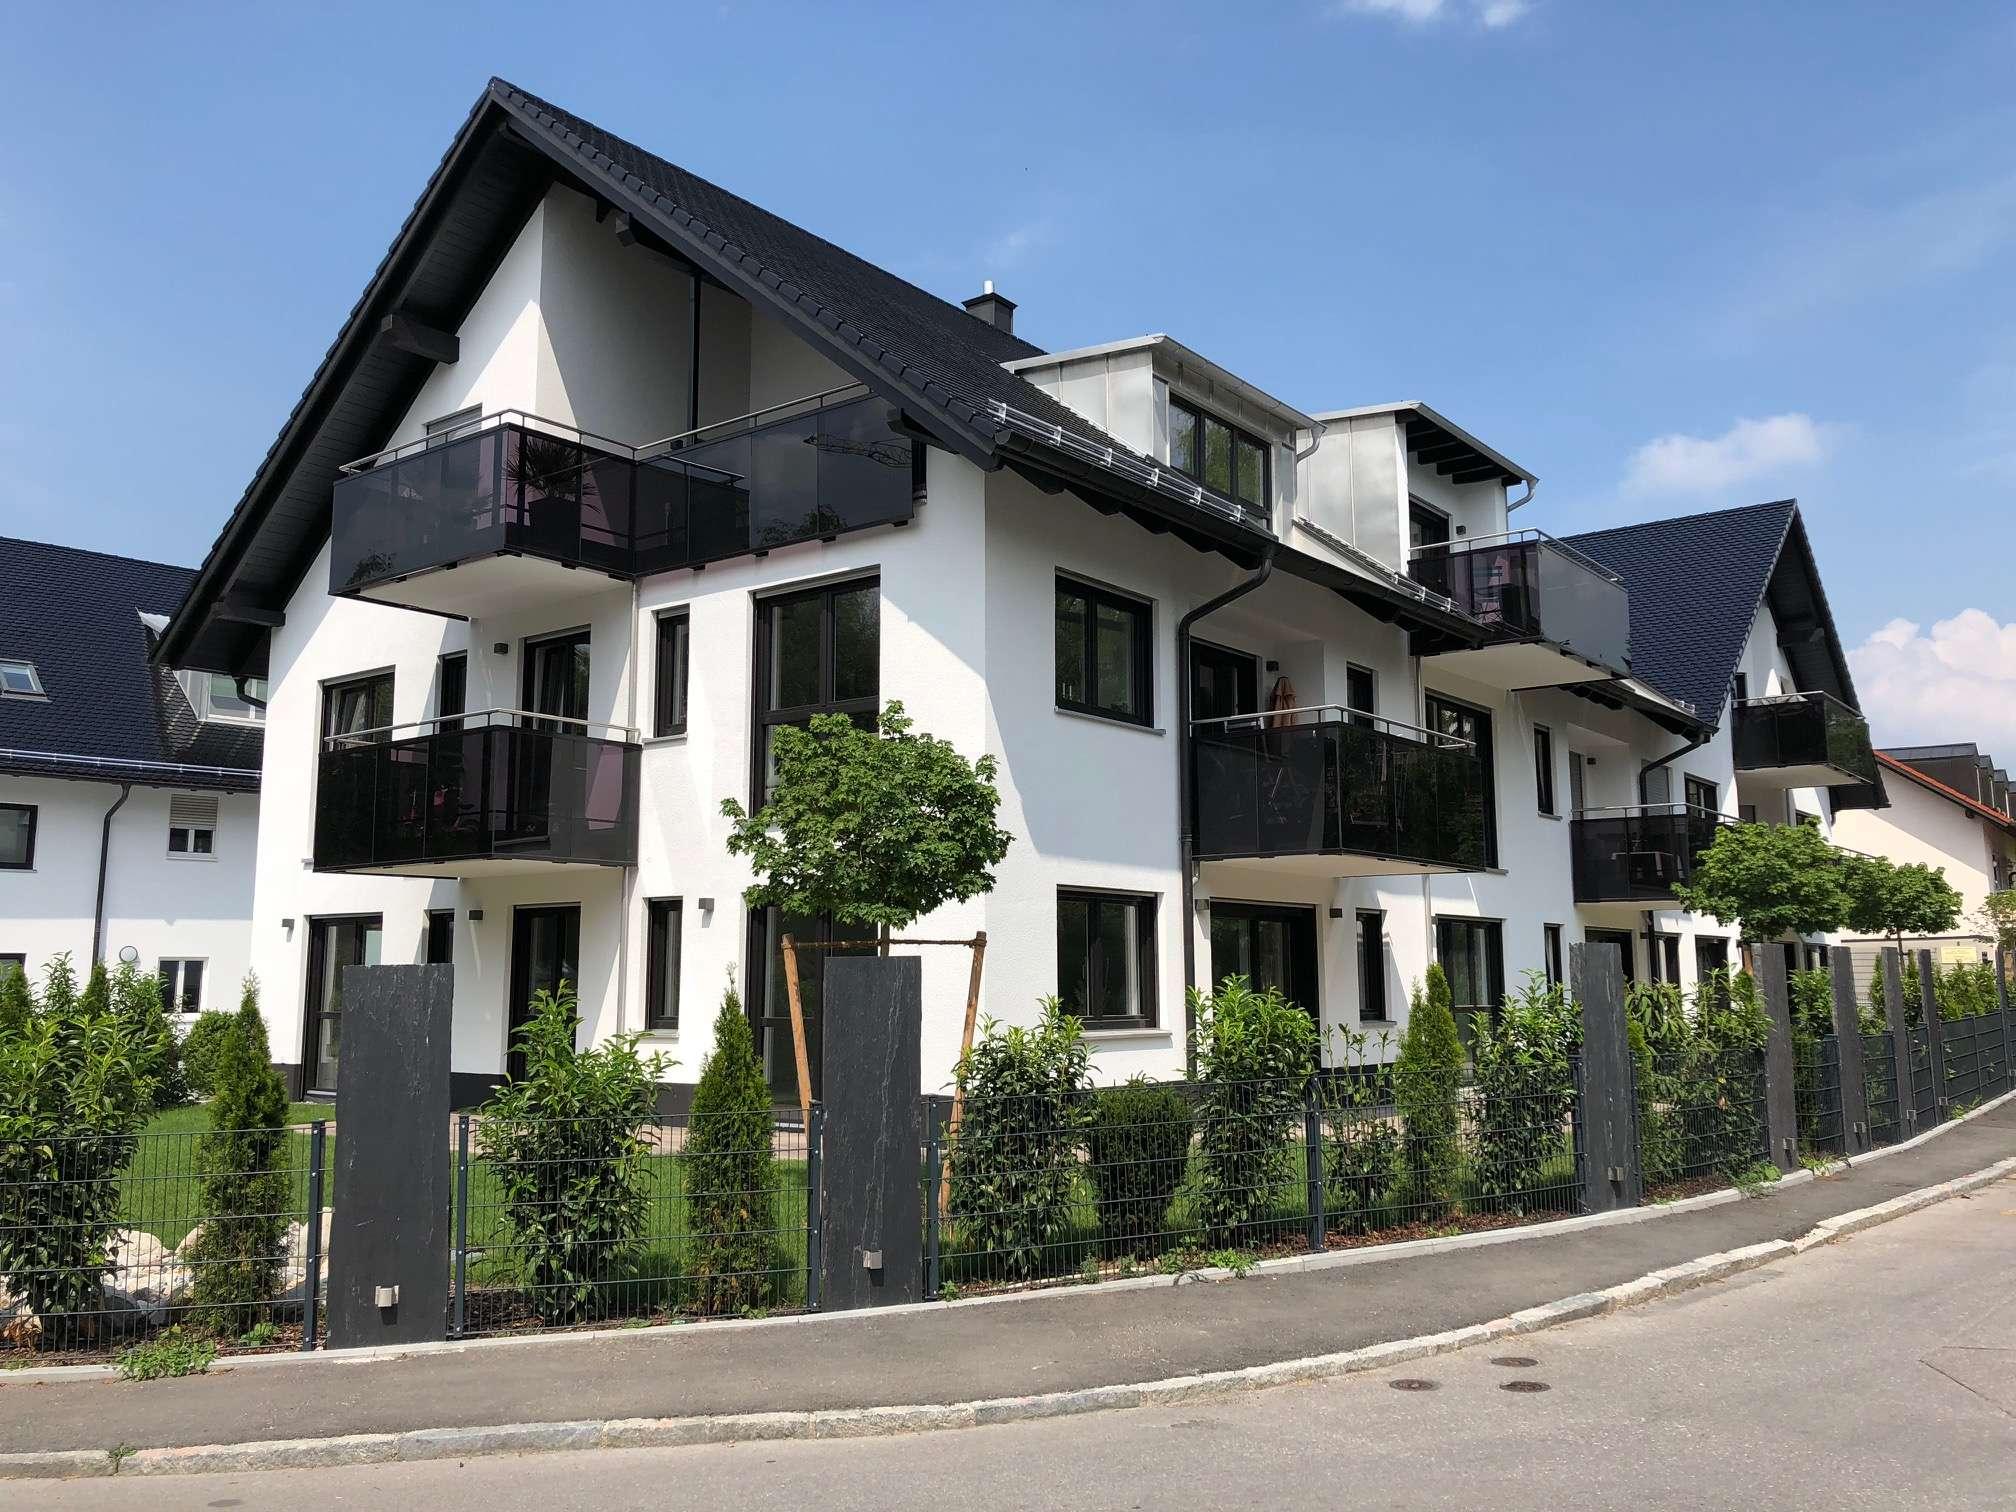 WOHNEN AM GLEIßBACH- 4 Zimmer Wohnung in BESTER Lage in Ismaning